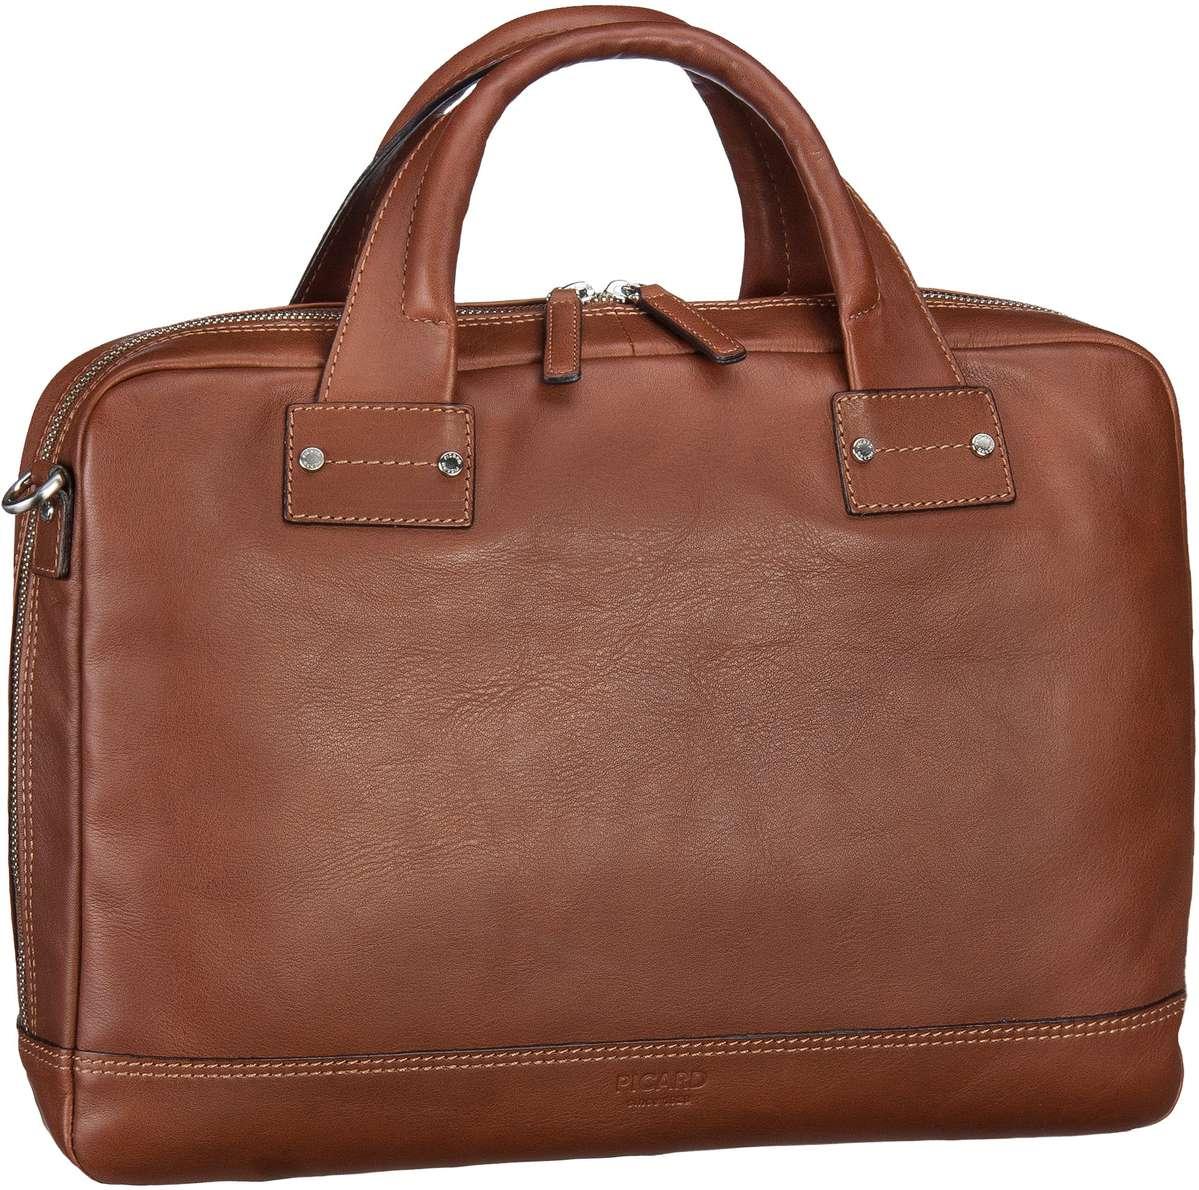 Do It Business Bag Cognac (innen: Braun)